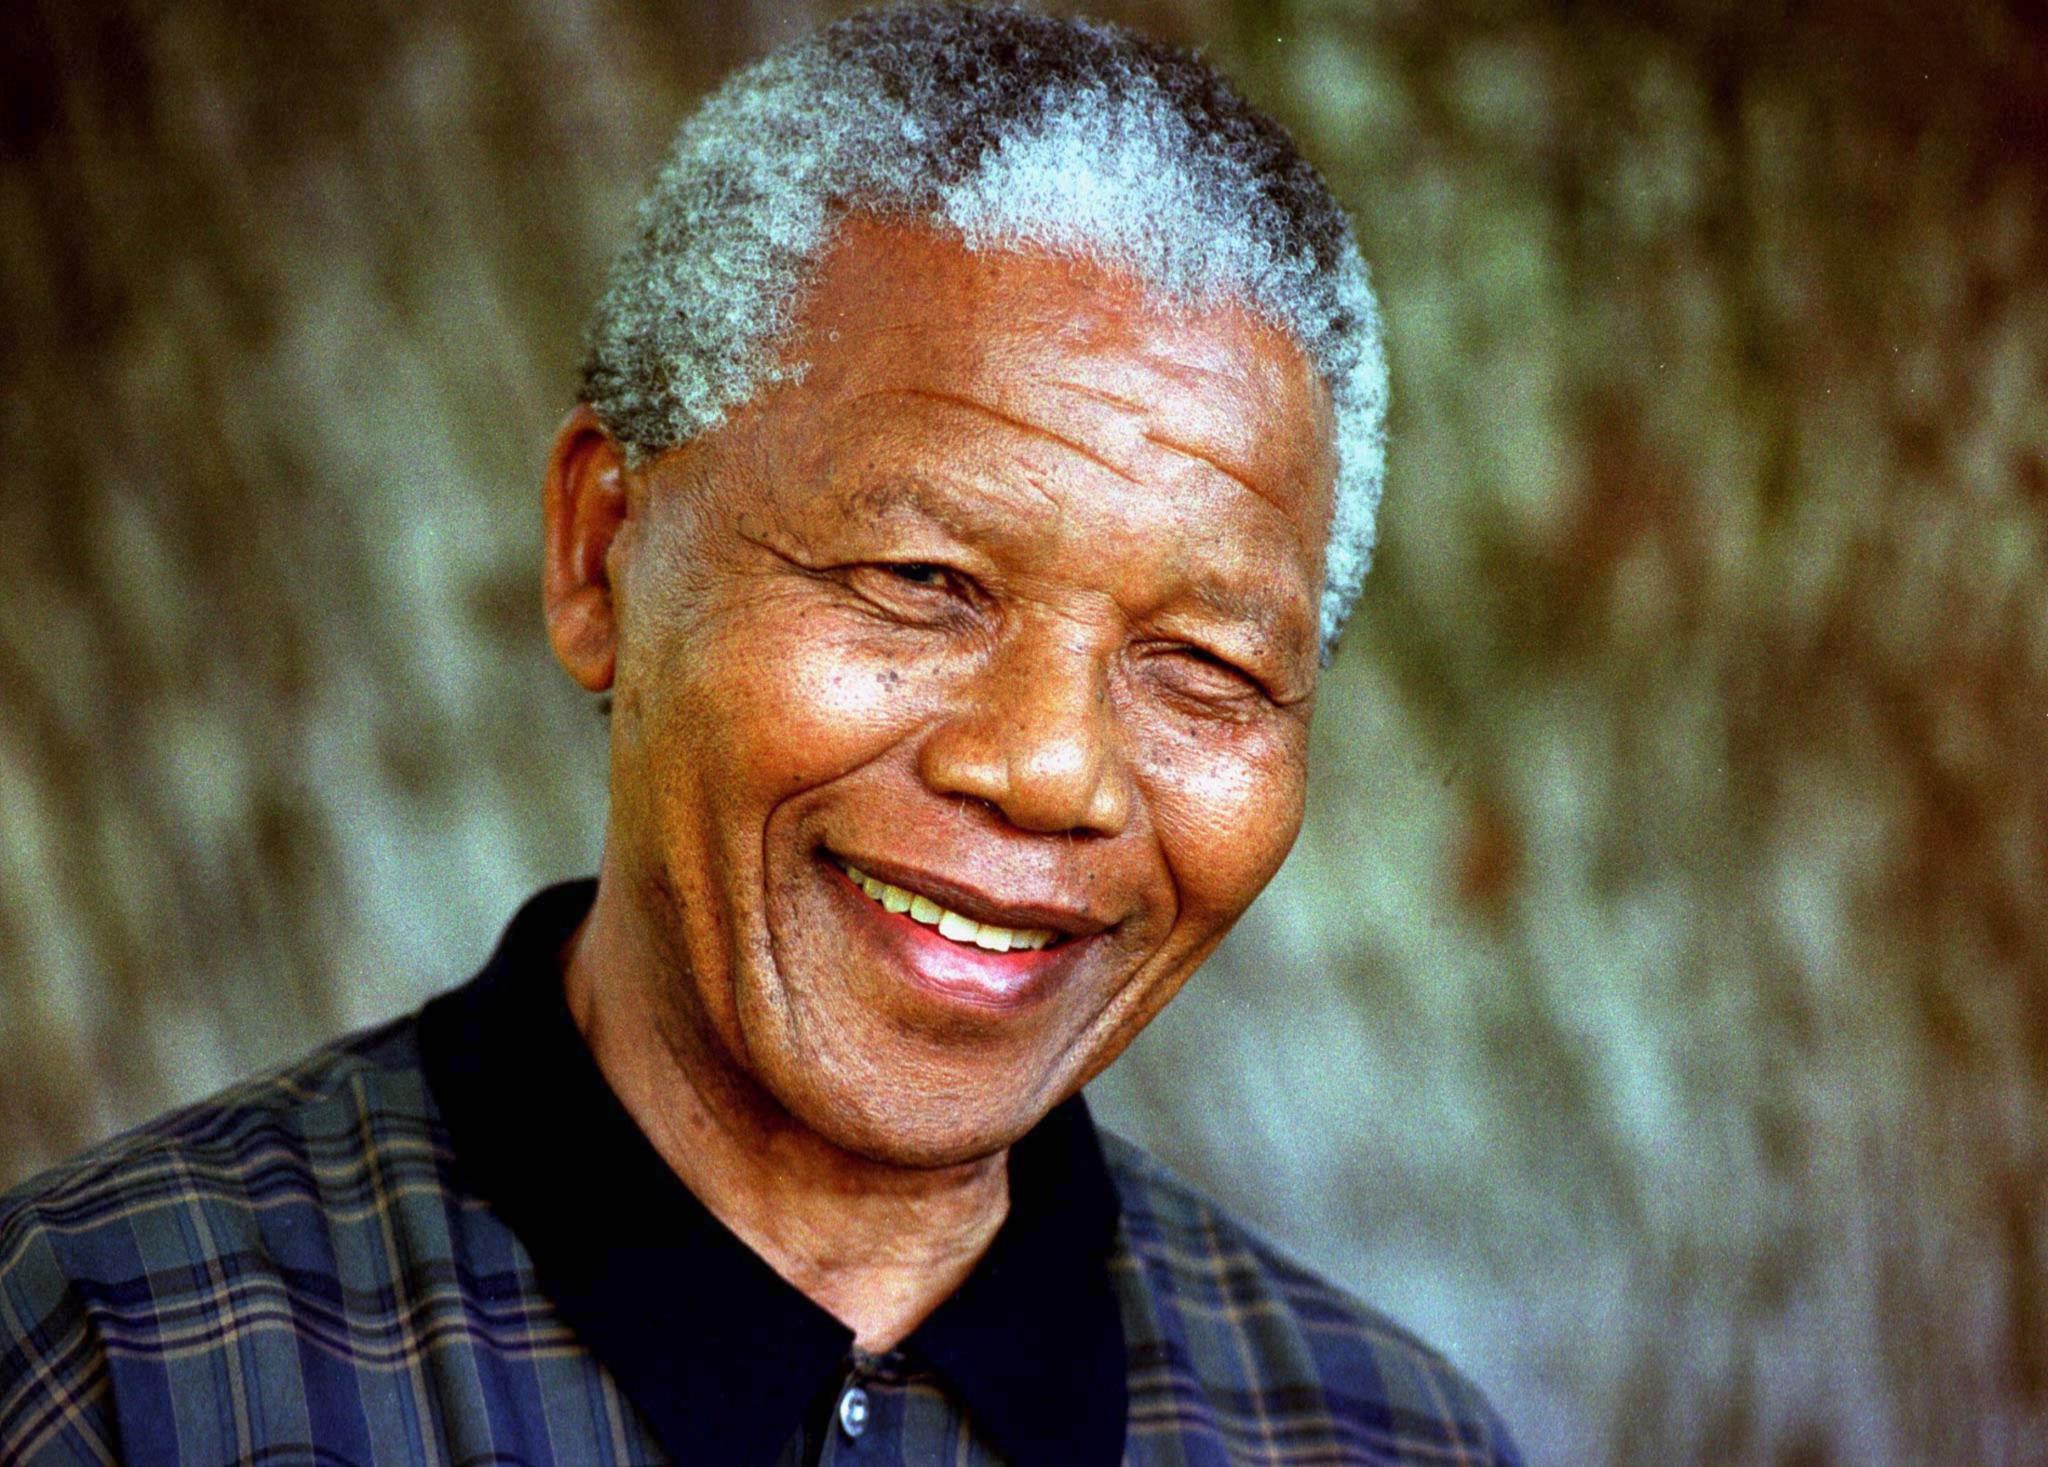 PÚBLICO - Segundo volume das memórias de Mandela sai no Outono